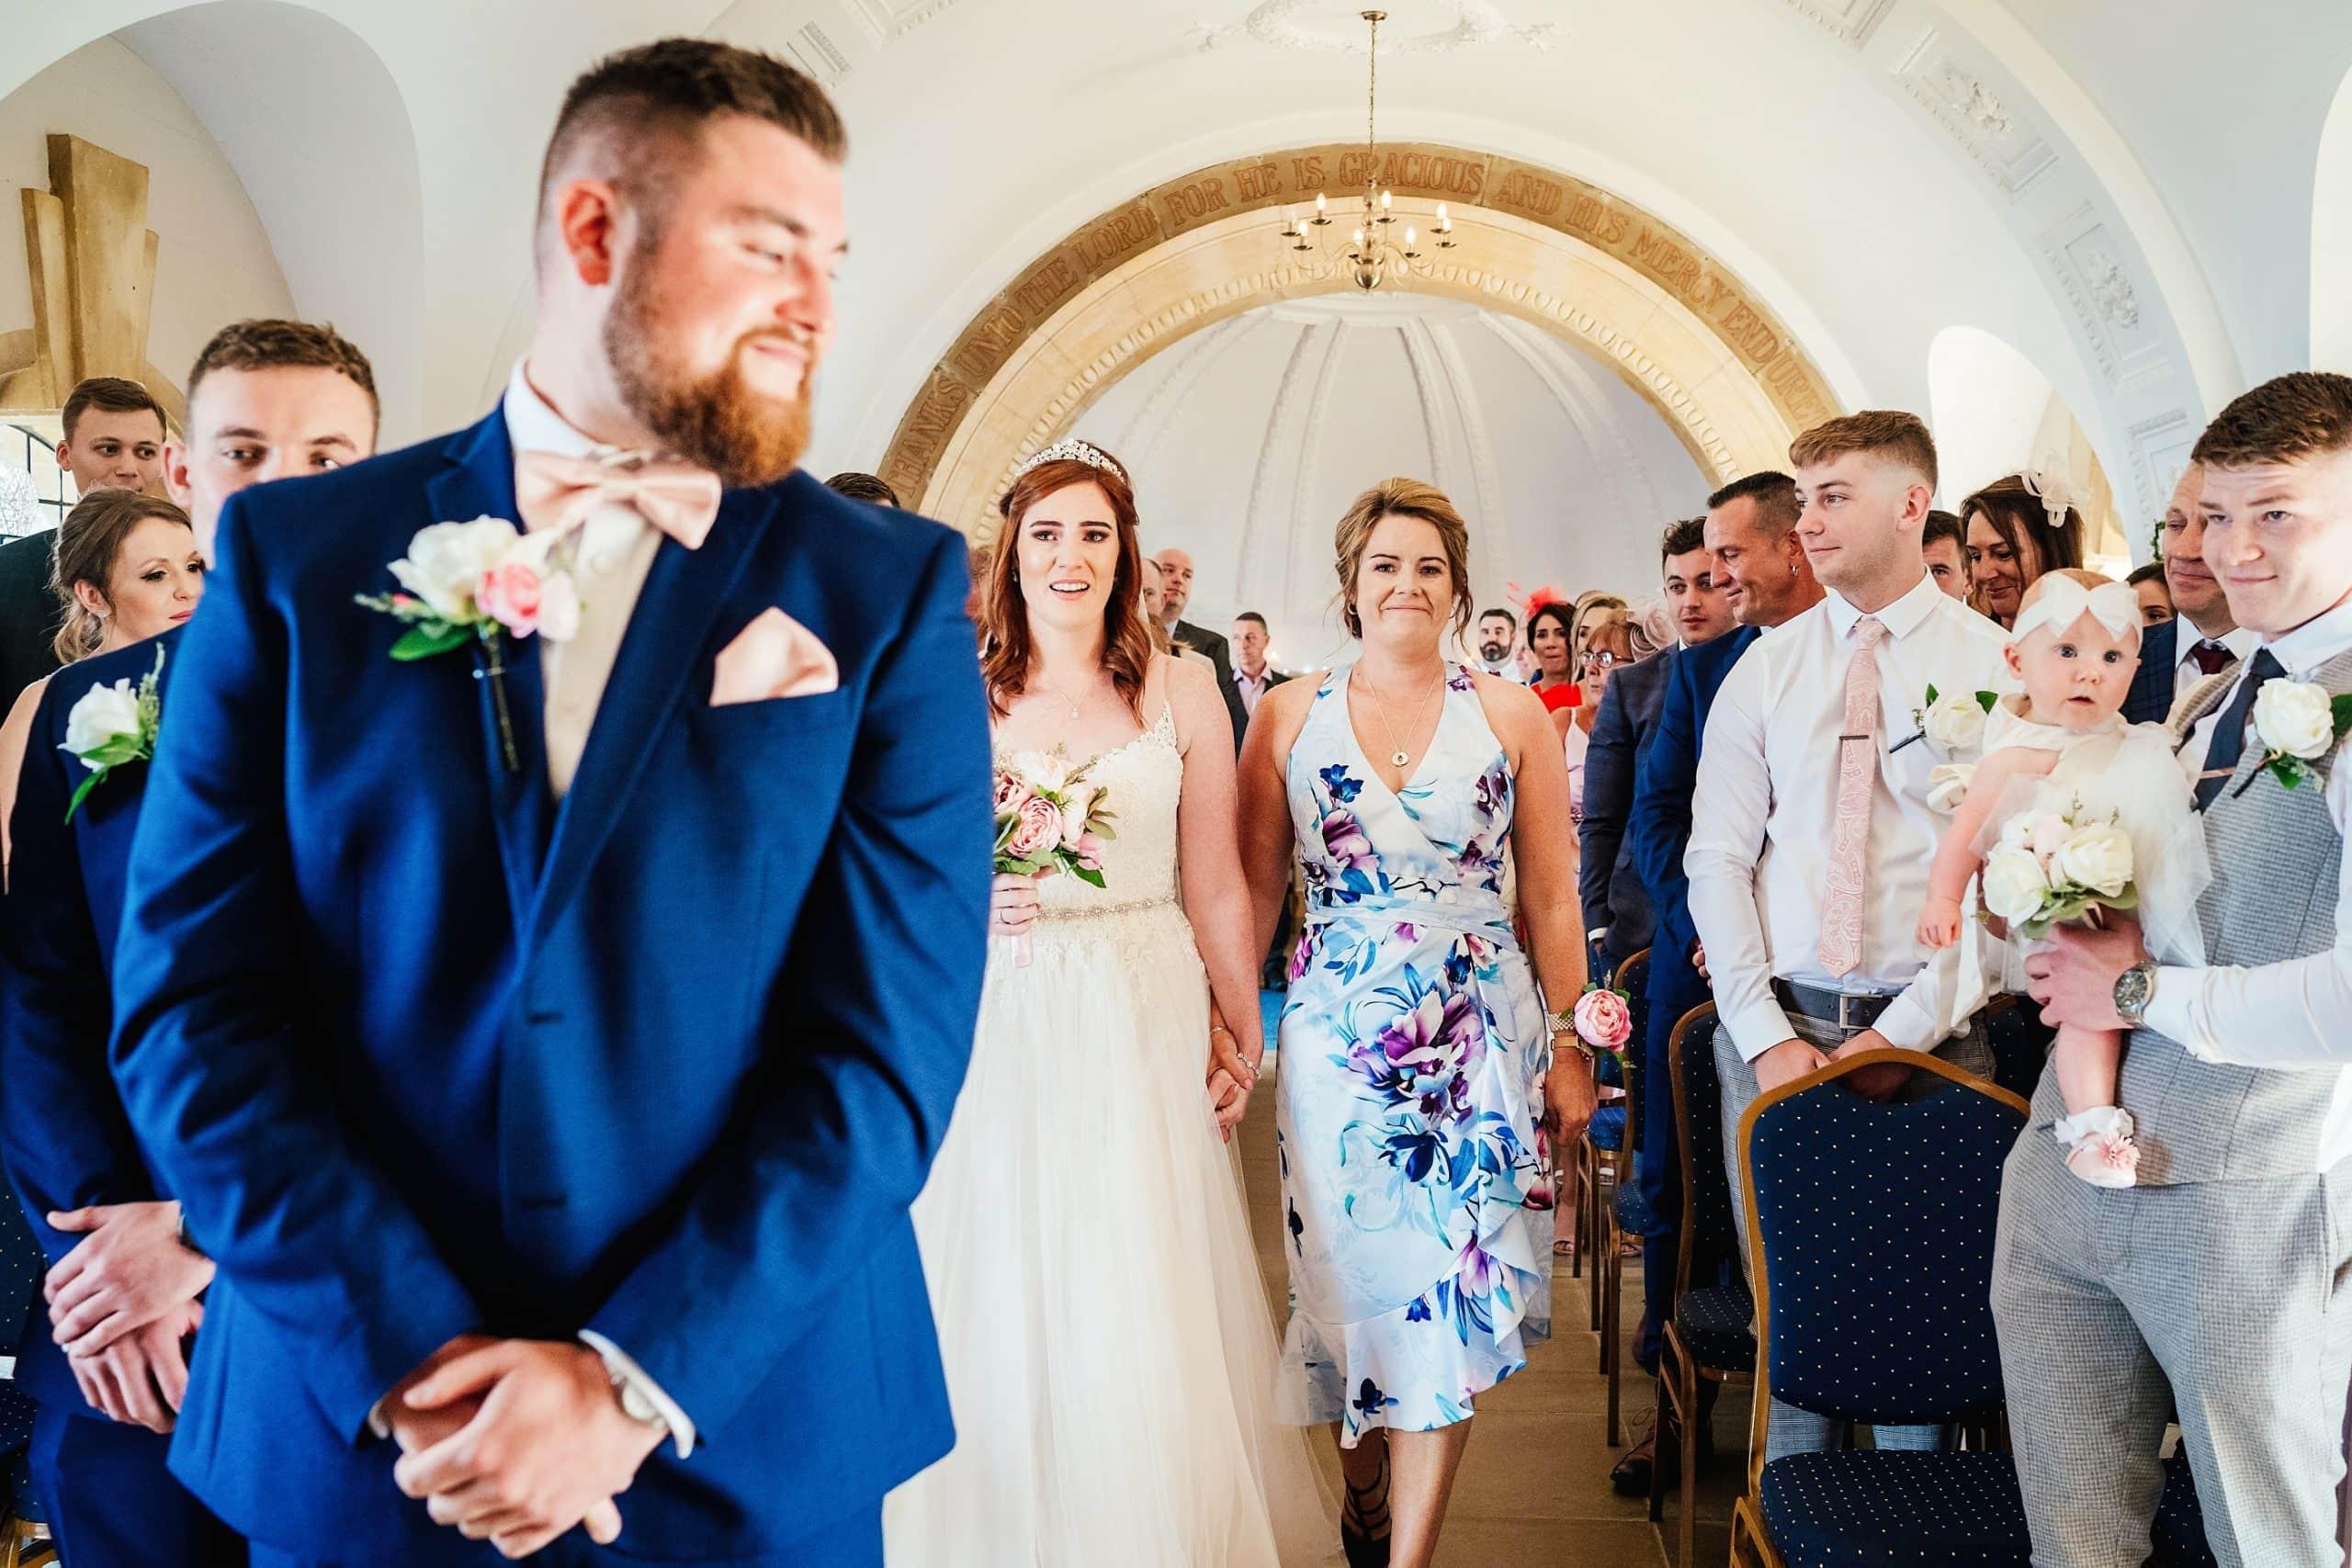 normanton-church-wedding-photography-09